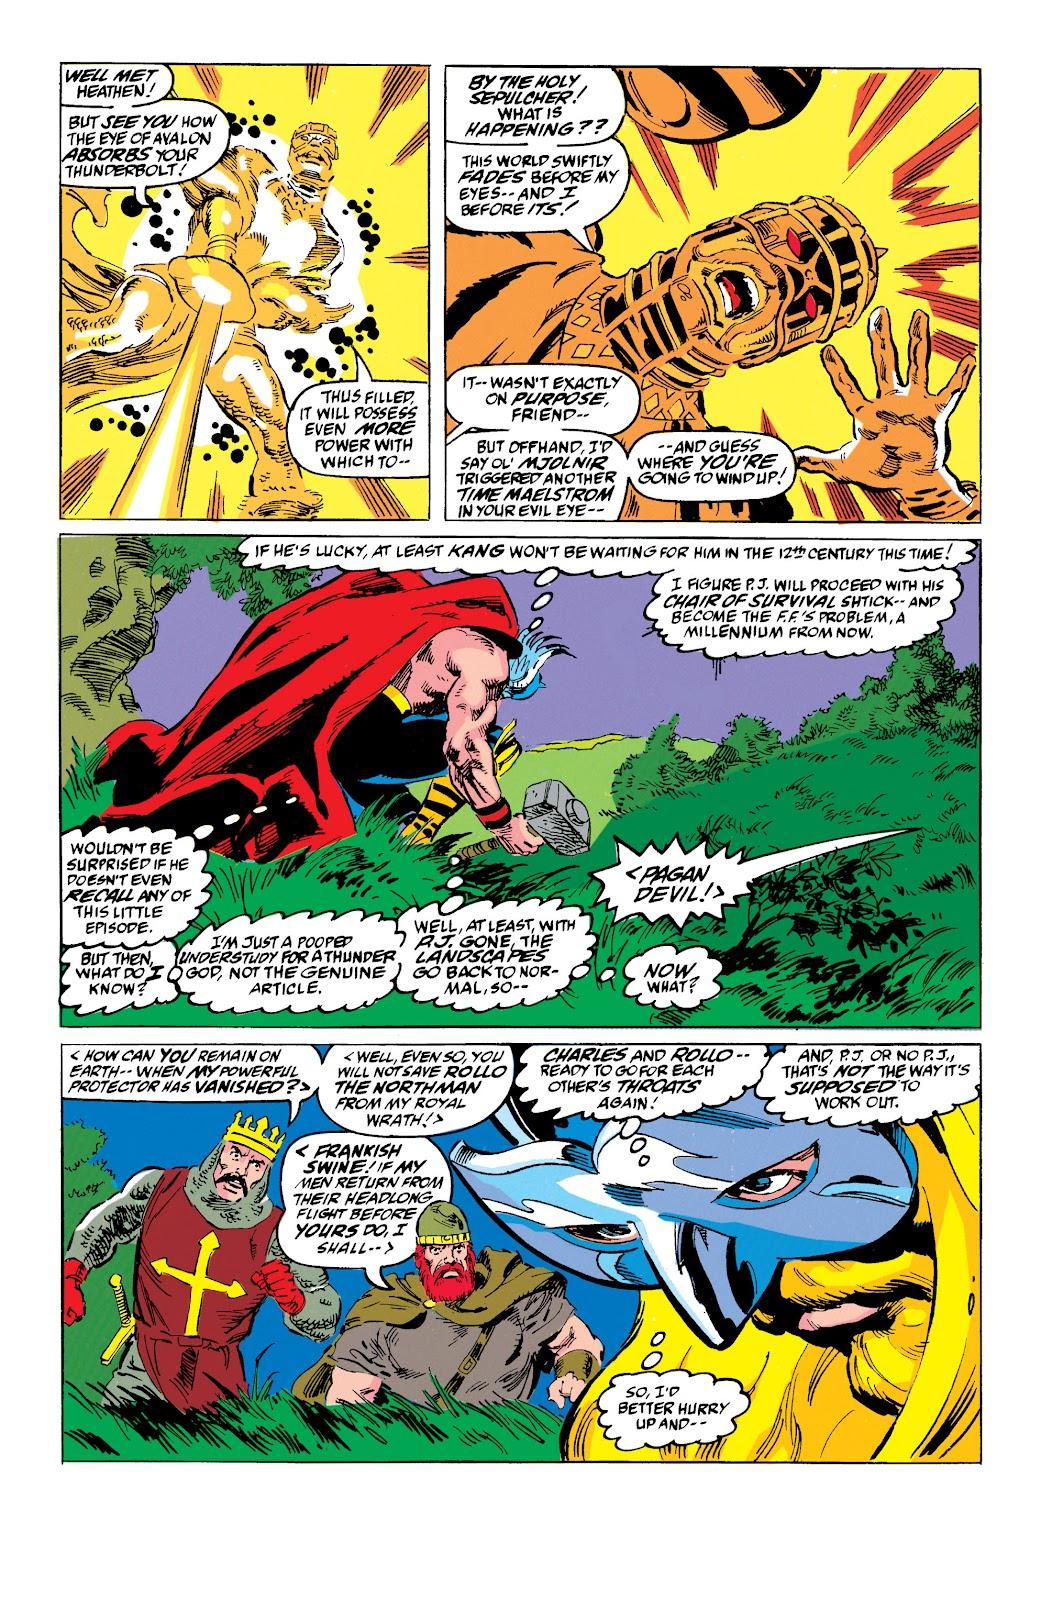 Read online Avengers: Citizen Kang comic -  Issue # TPB (Part 1) - 86